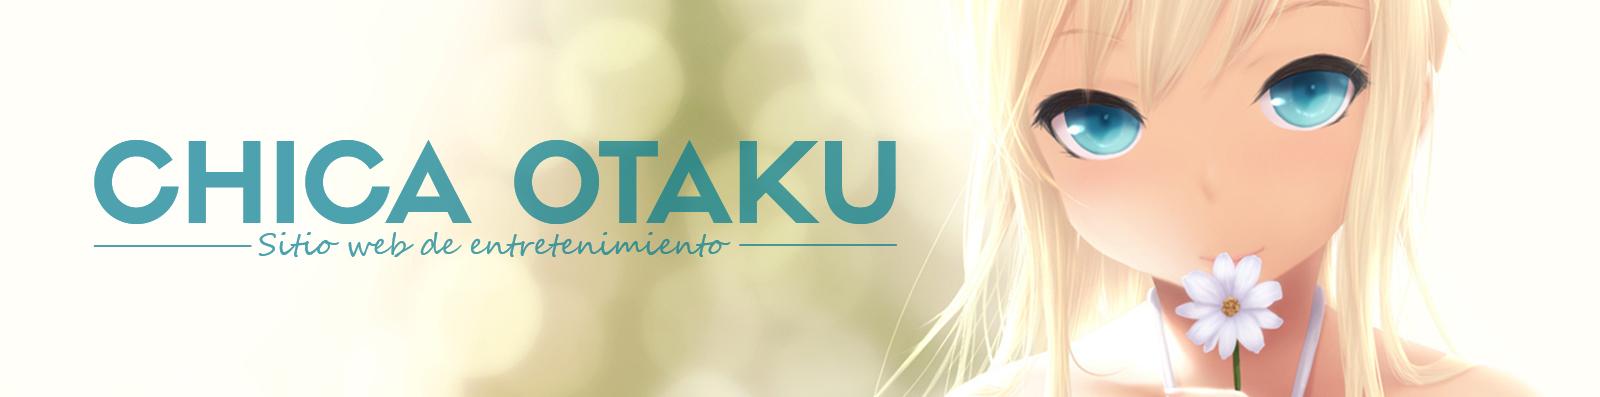 Chica Otaku ツ